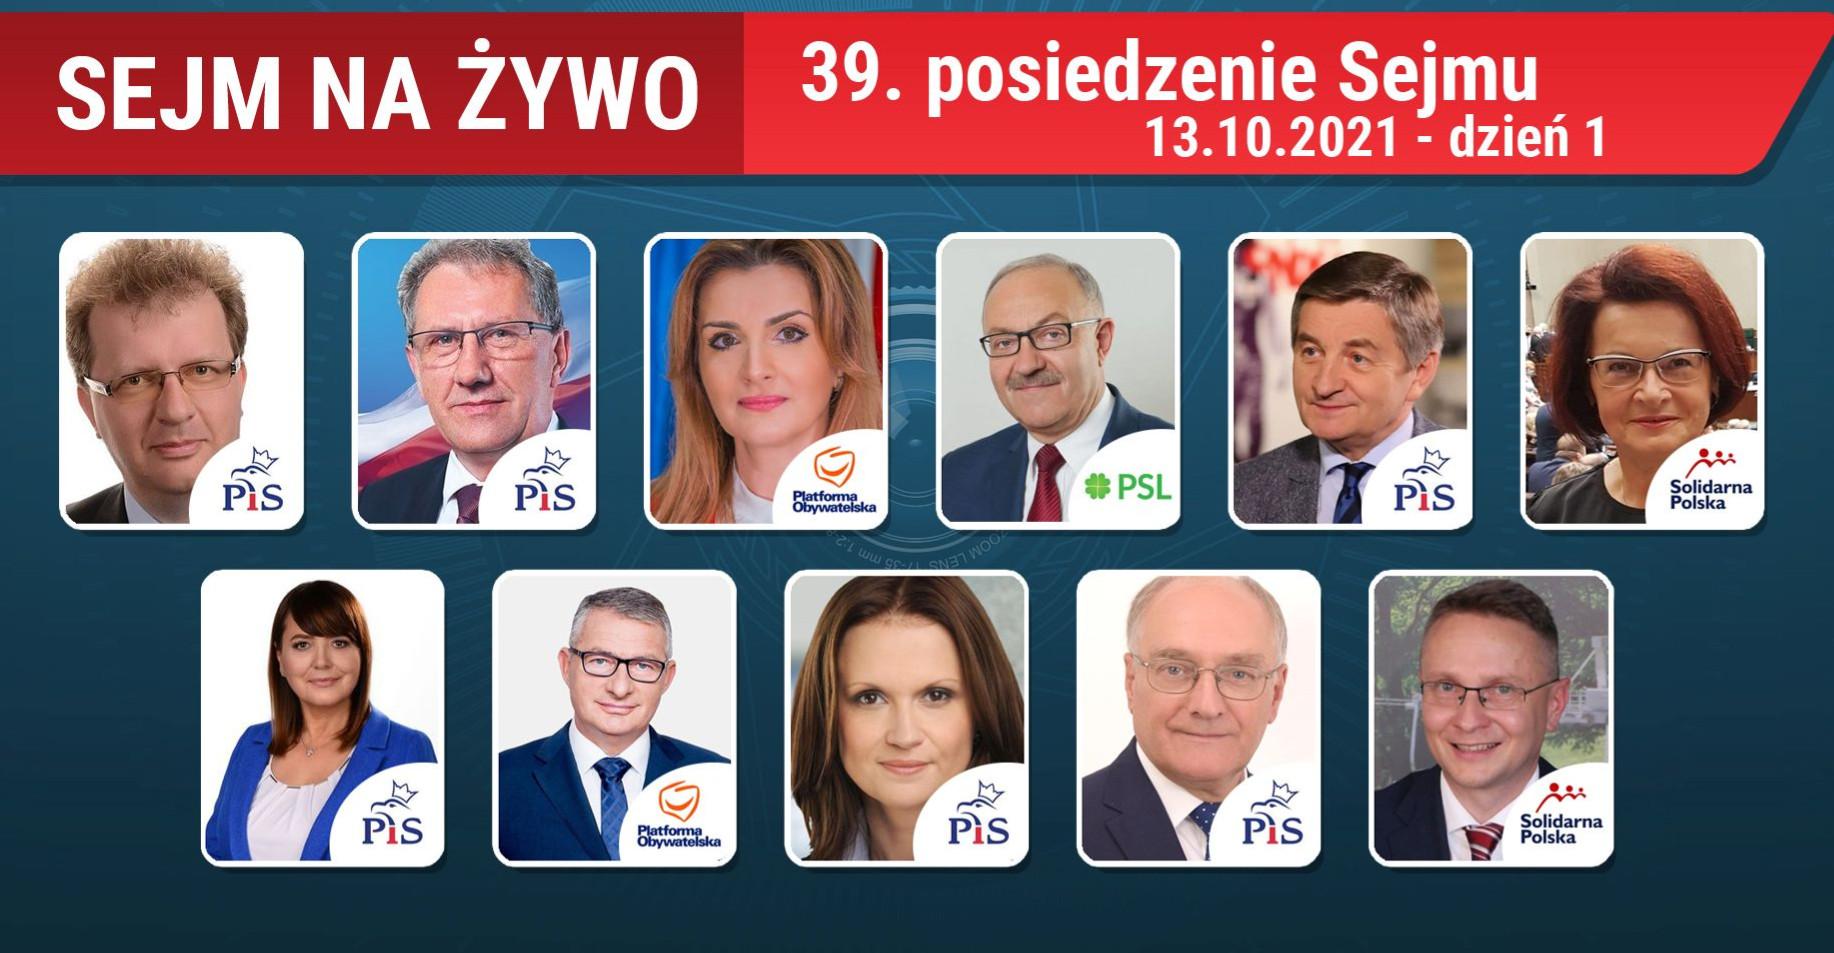 Posiedzenie Sejmu! Oglądaj NA ŻYWO!